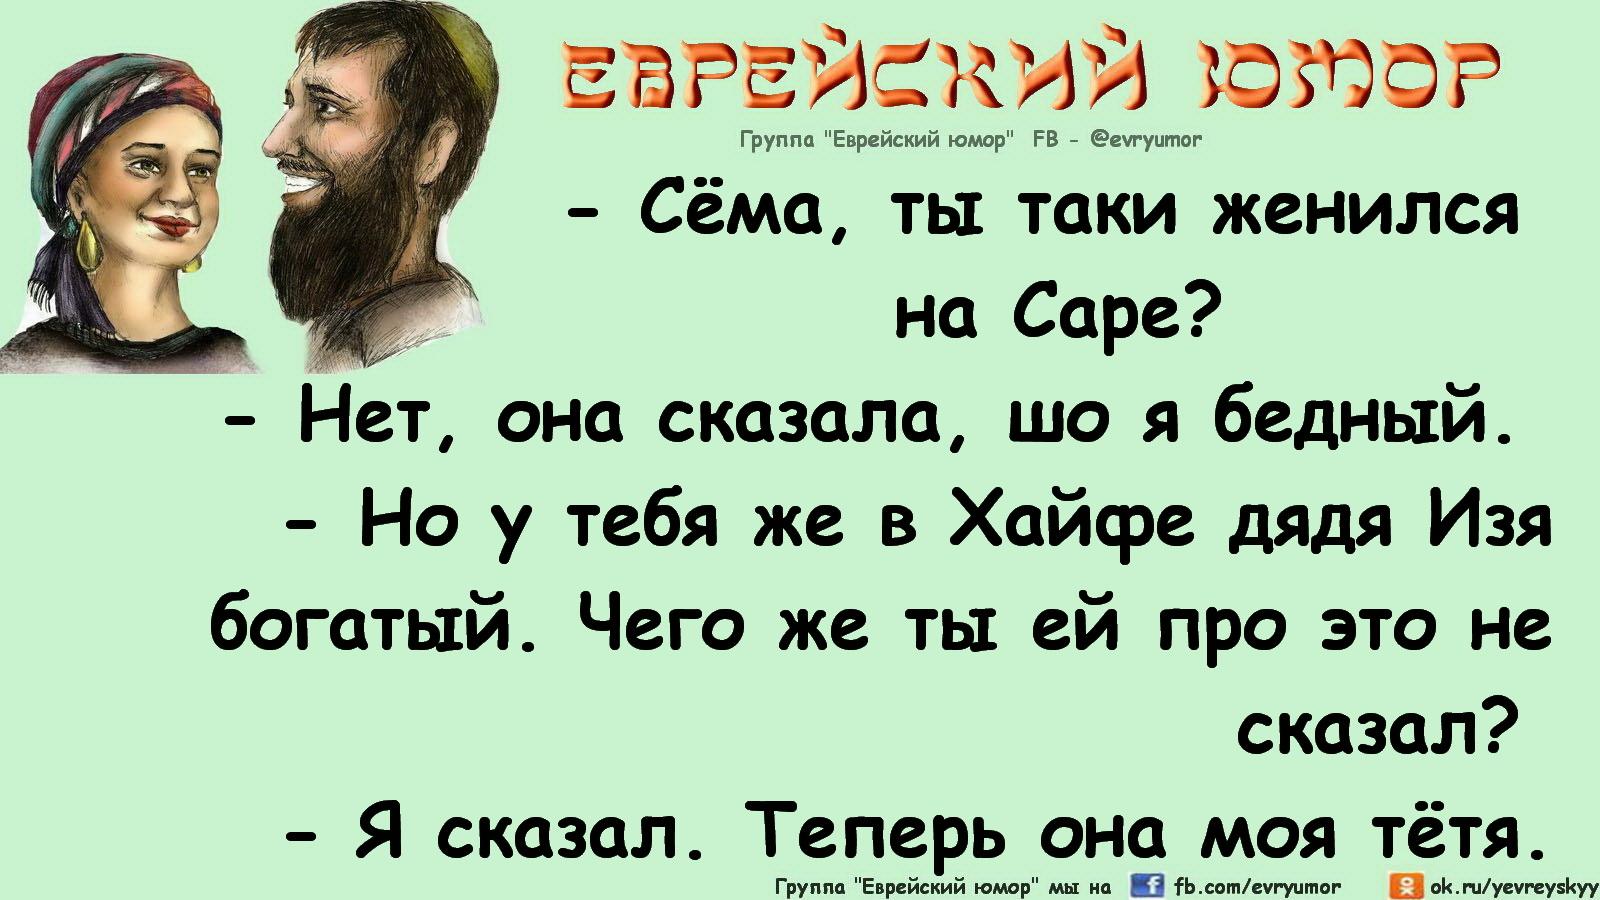 Еврейский юмор, одесский анекдот, юмор за одессу, евреи шутят, анекдот